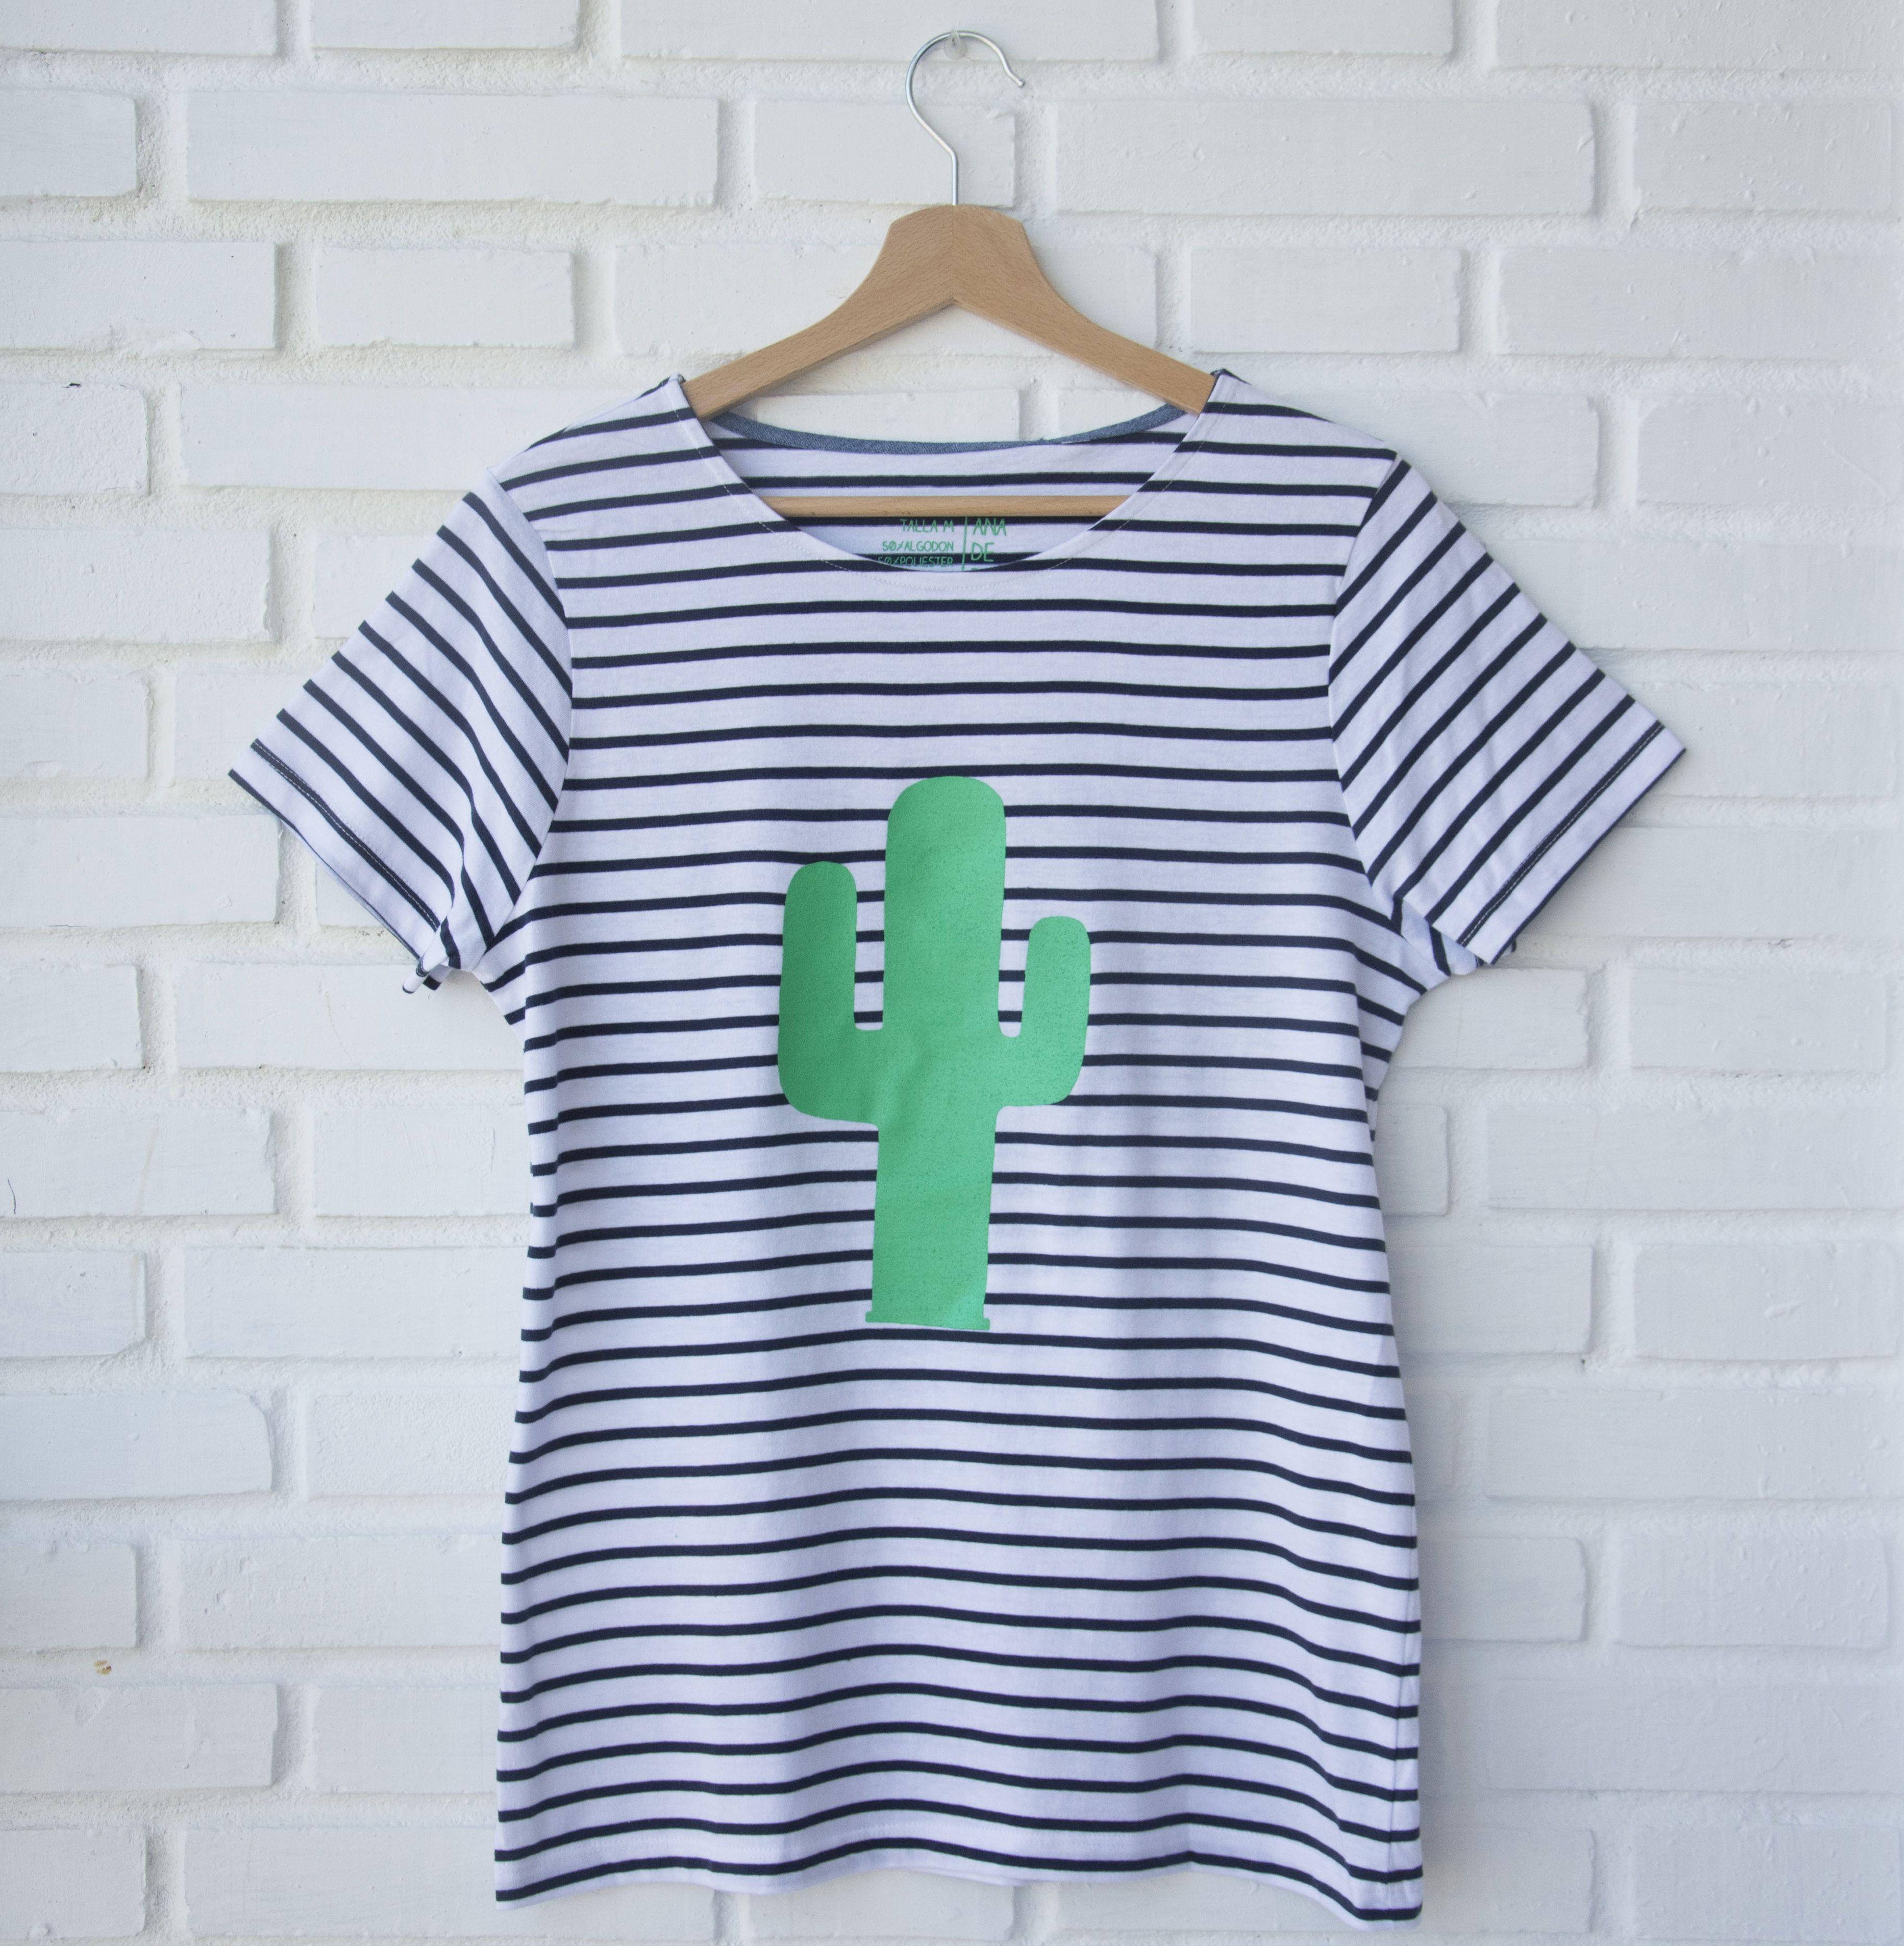 e90bba65b1 Camiseta de rayas azul marino y blancas.Serigrafía color verde diseño  exclusivo…